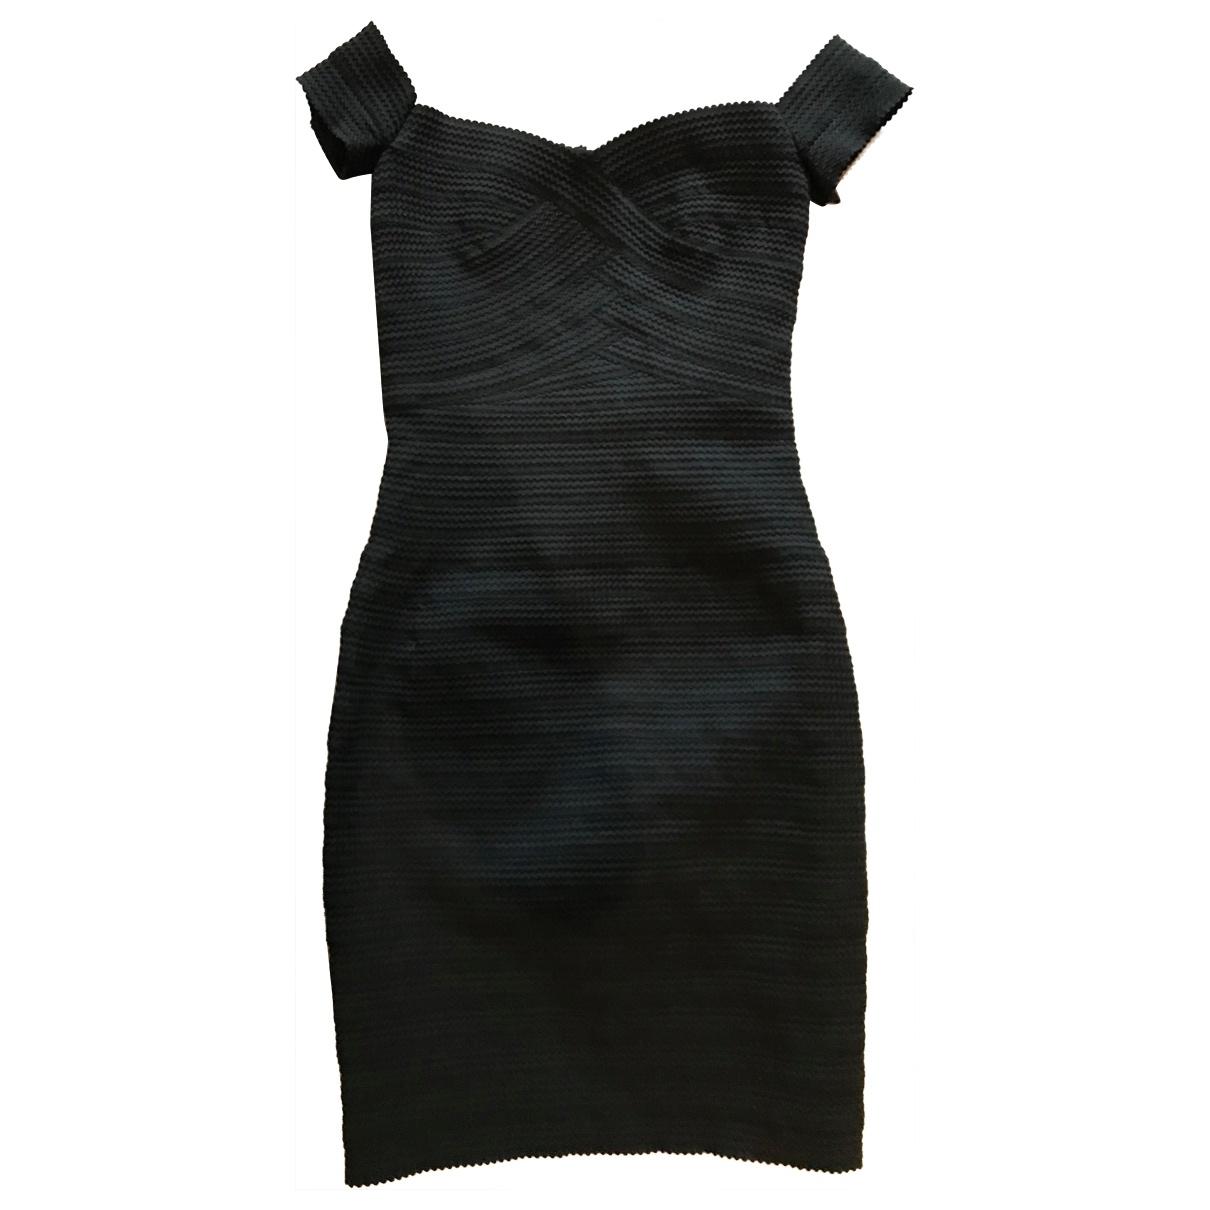 Reiss \N Kleid in  Schwarz Baumwolle - Elasthan